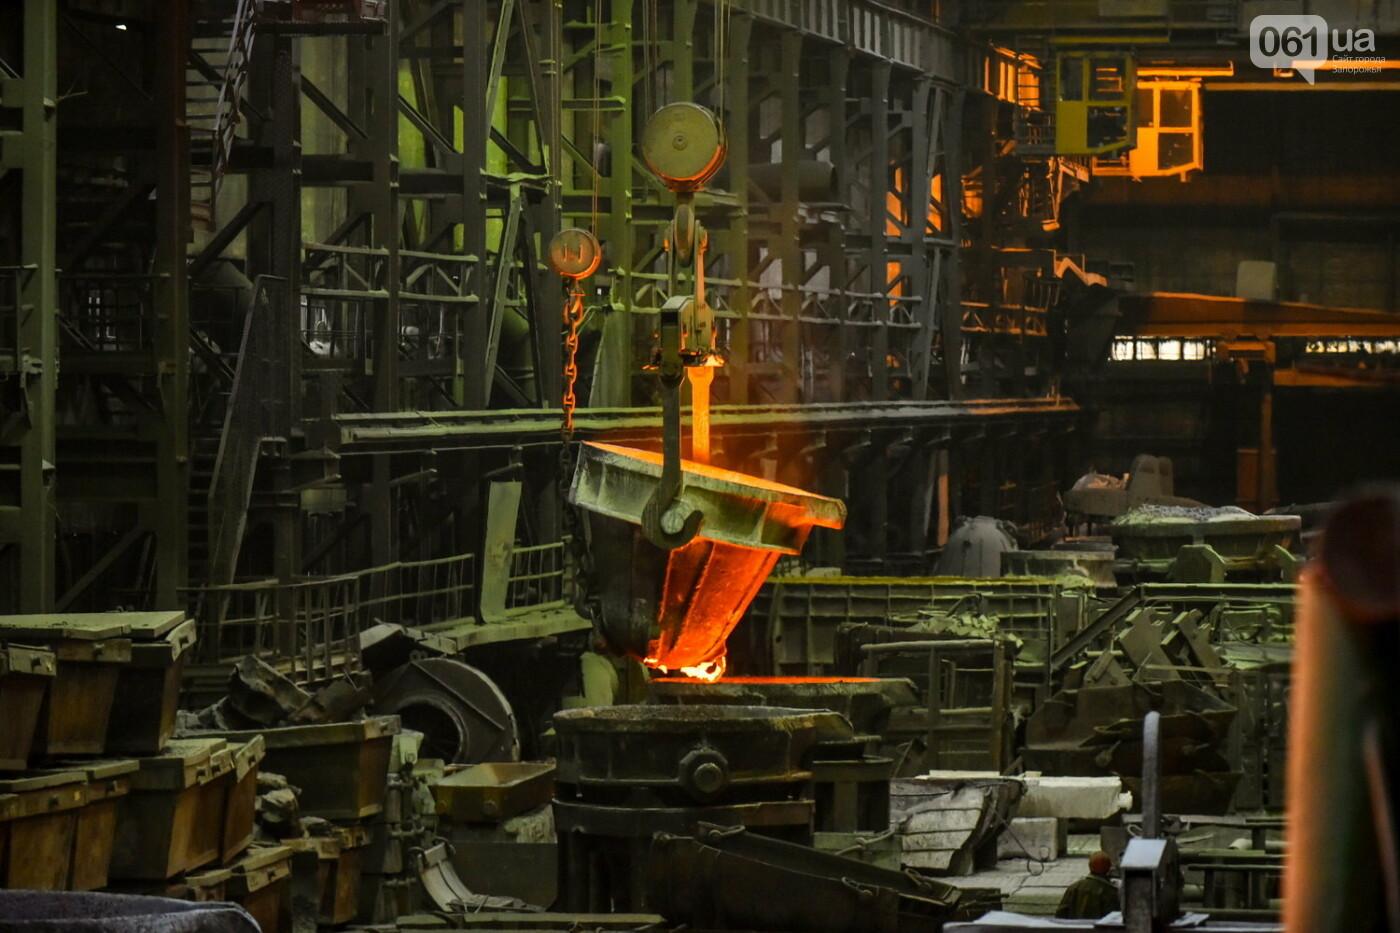 Как руду превращают в ферросплавы: экскурсия на производство, – ФОТОРЕПОРТАЖ, фото-47